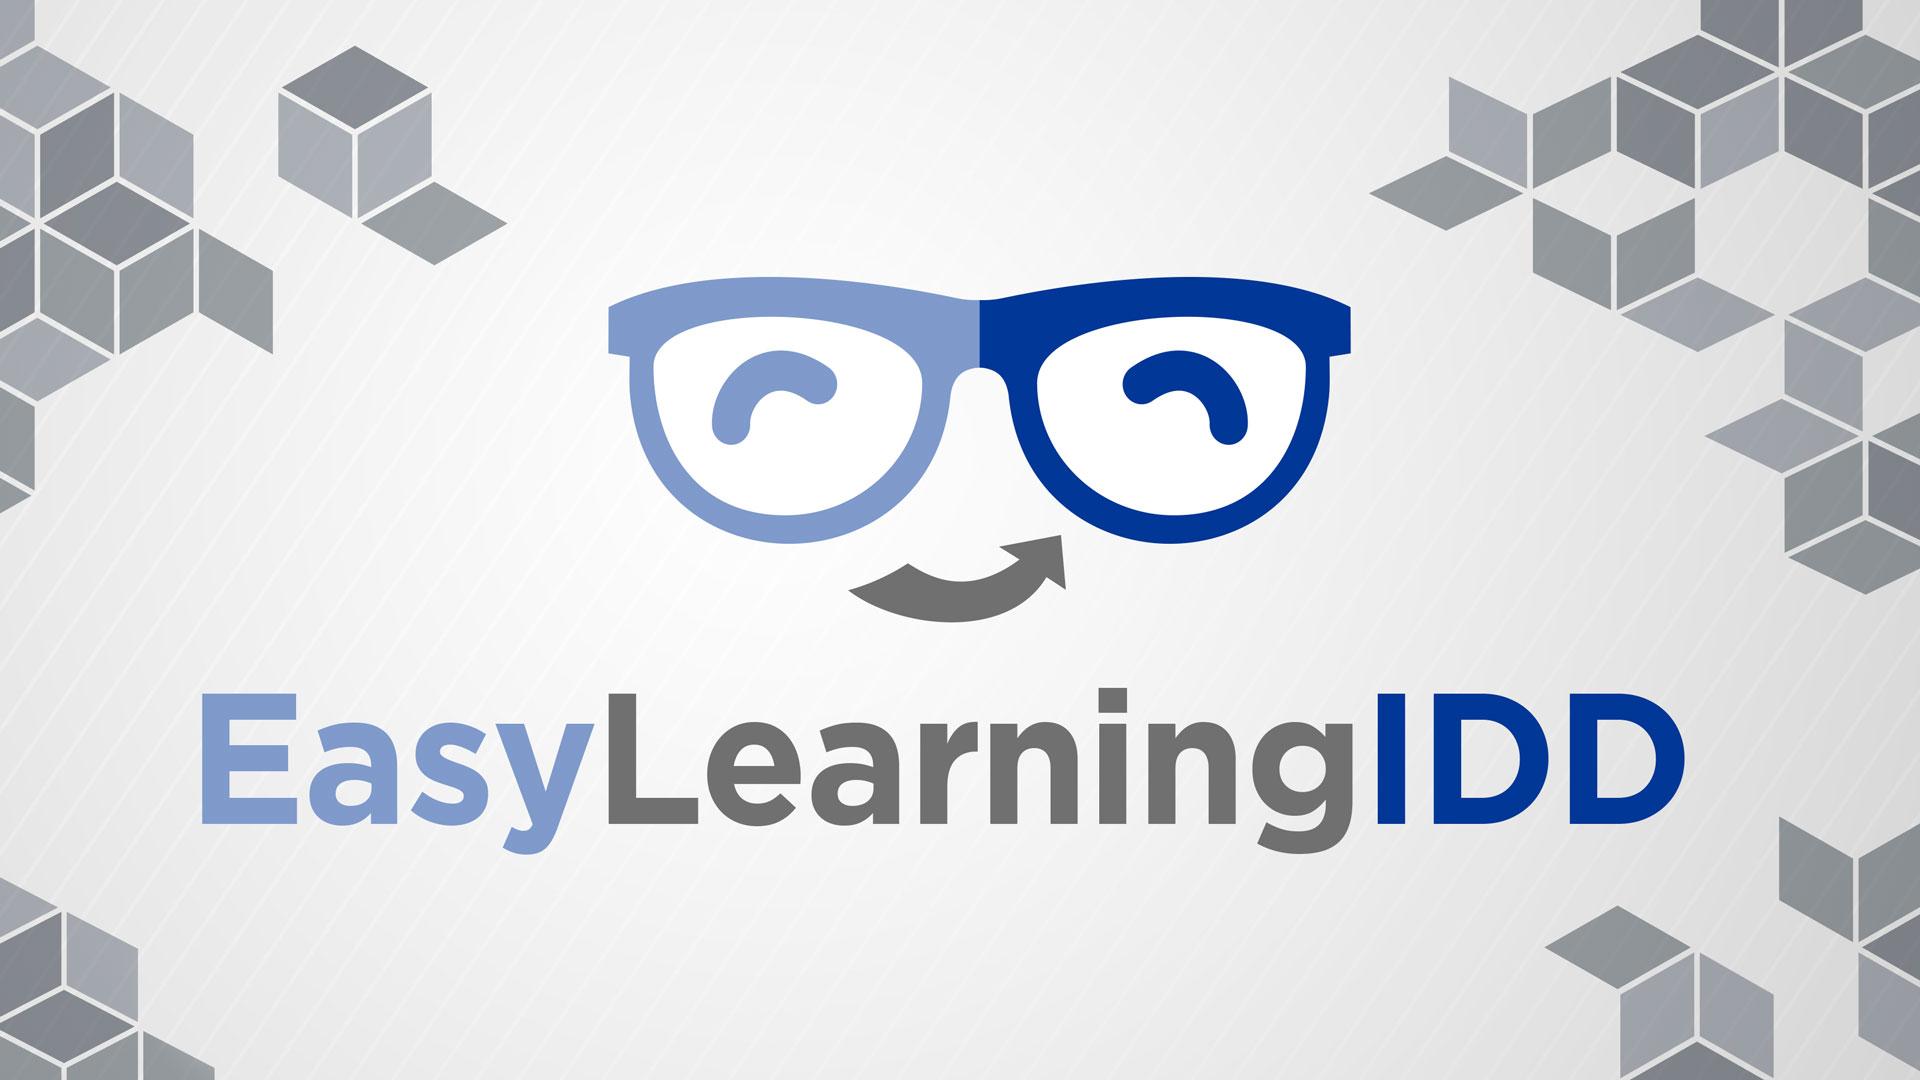 EasyLearningIDD – Der einfache Weg die IDD-Weiterbildungspflicht zu erfüllen